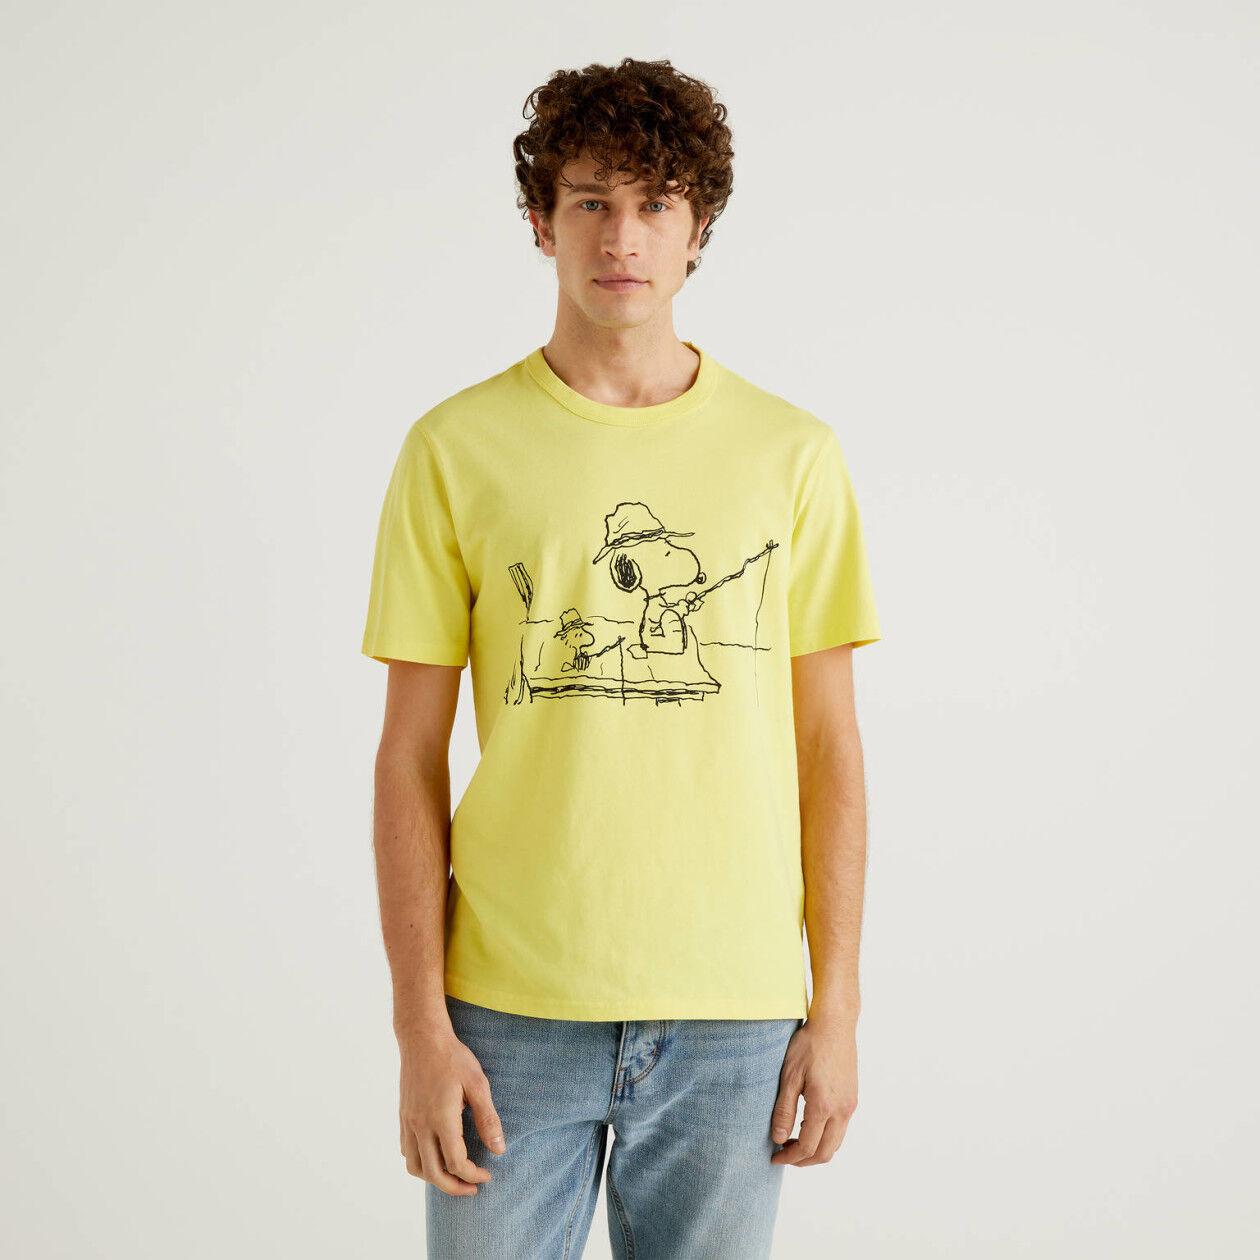 Yellow Peanuts t-shirt